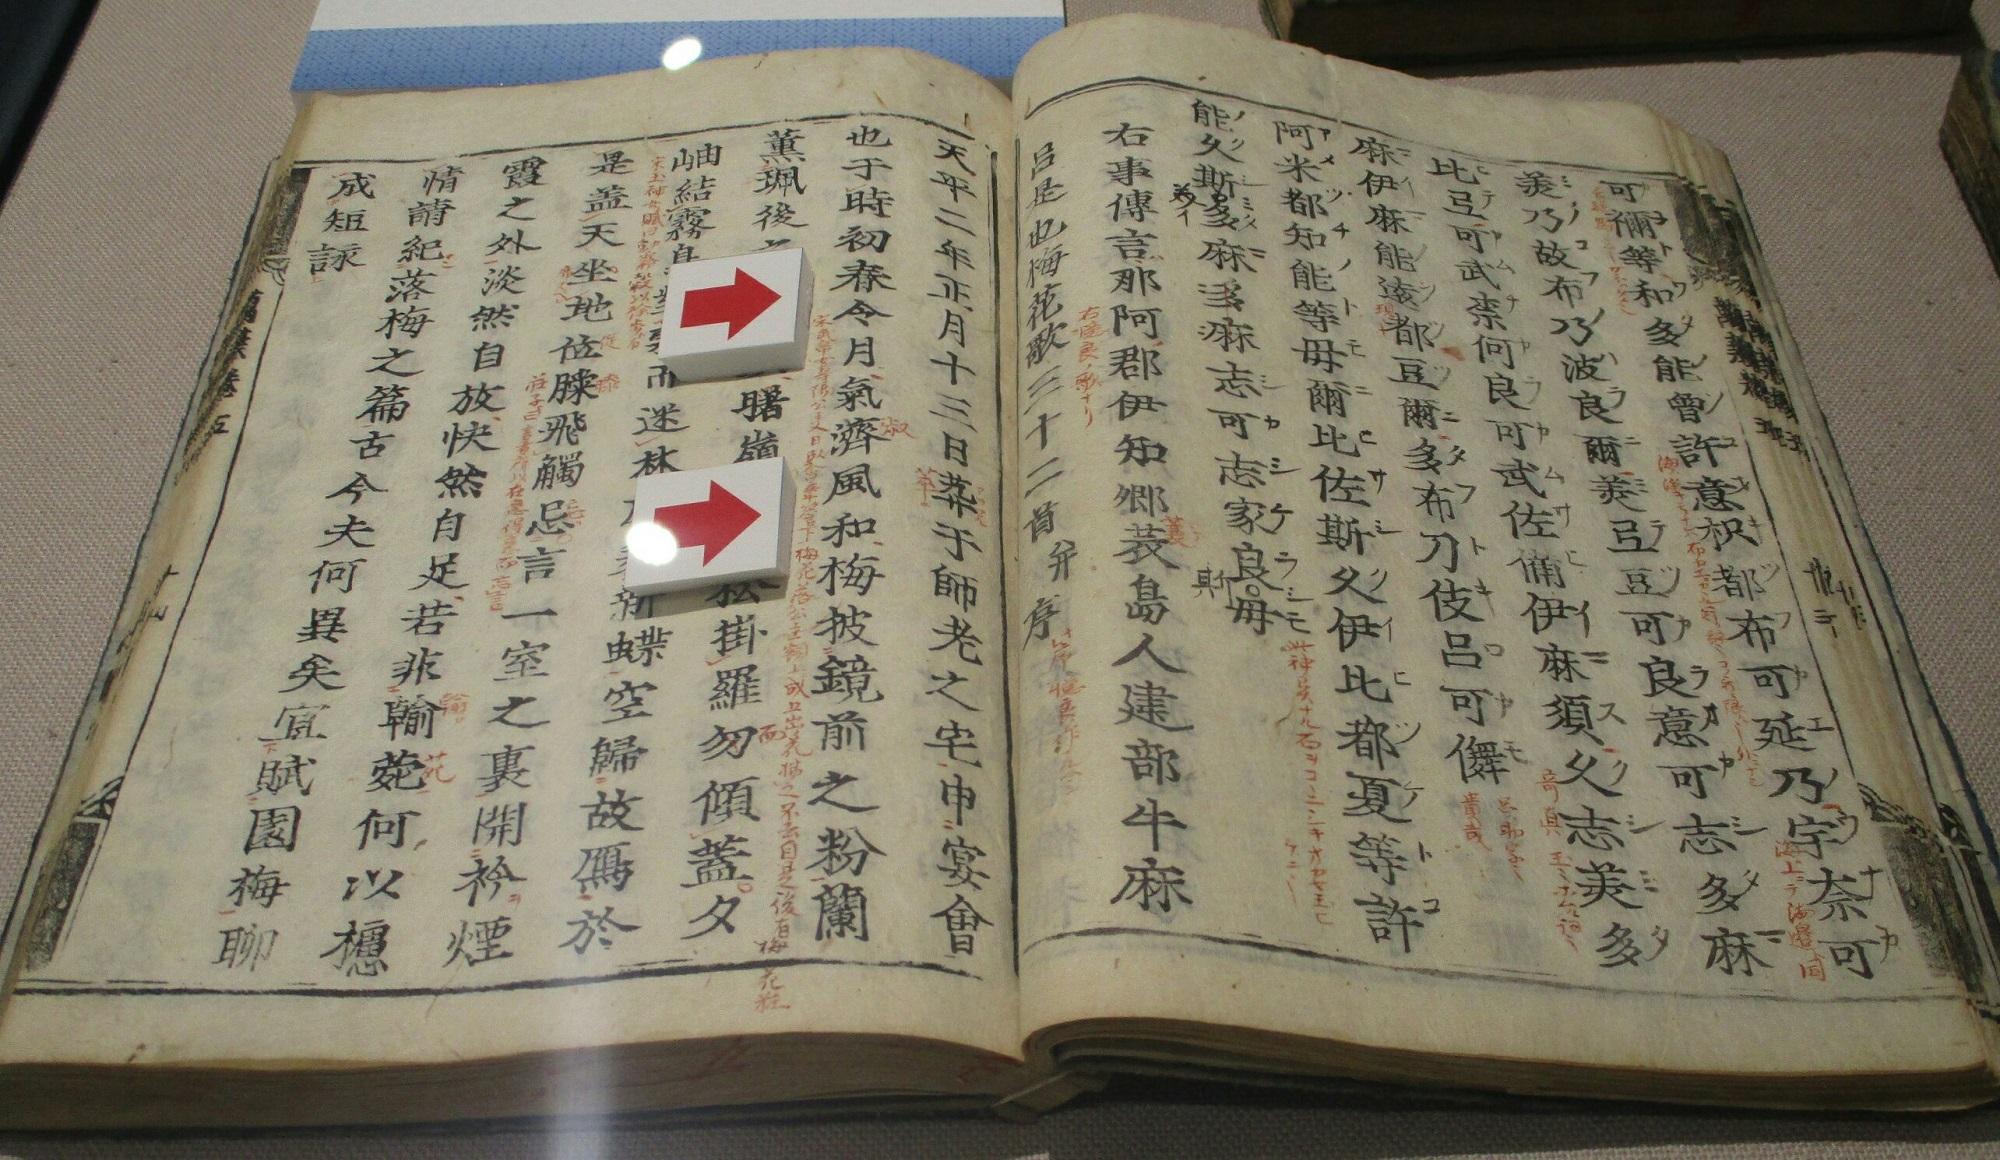 2019.4.29 (18) 岩瀬文庫 - 万葉集(令と和) 2000-1160